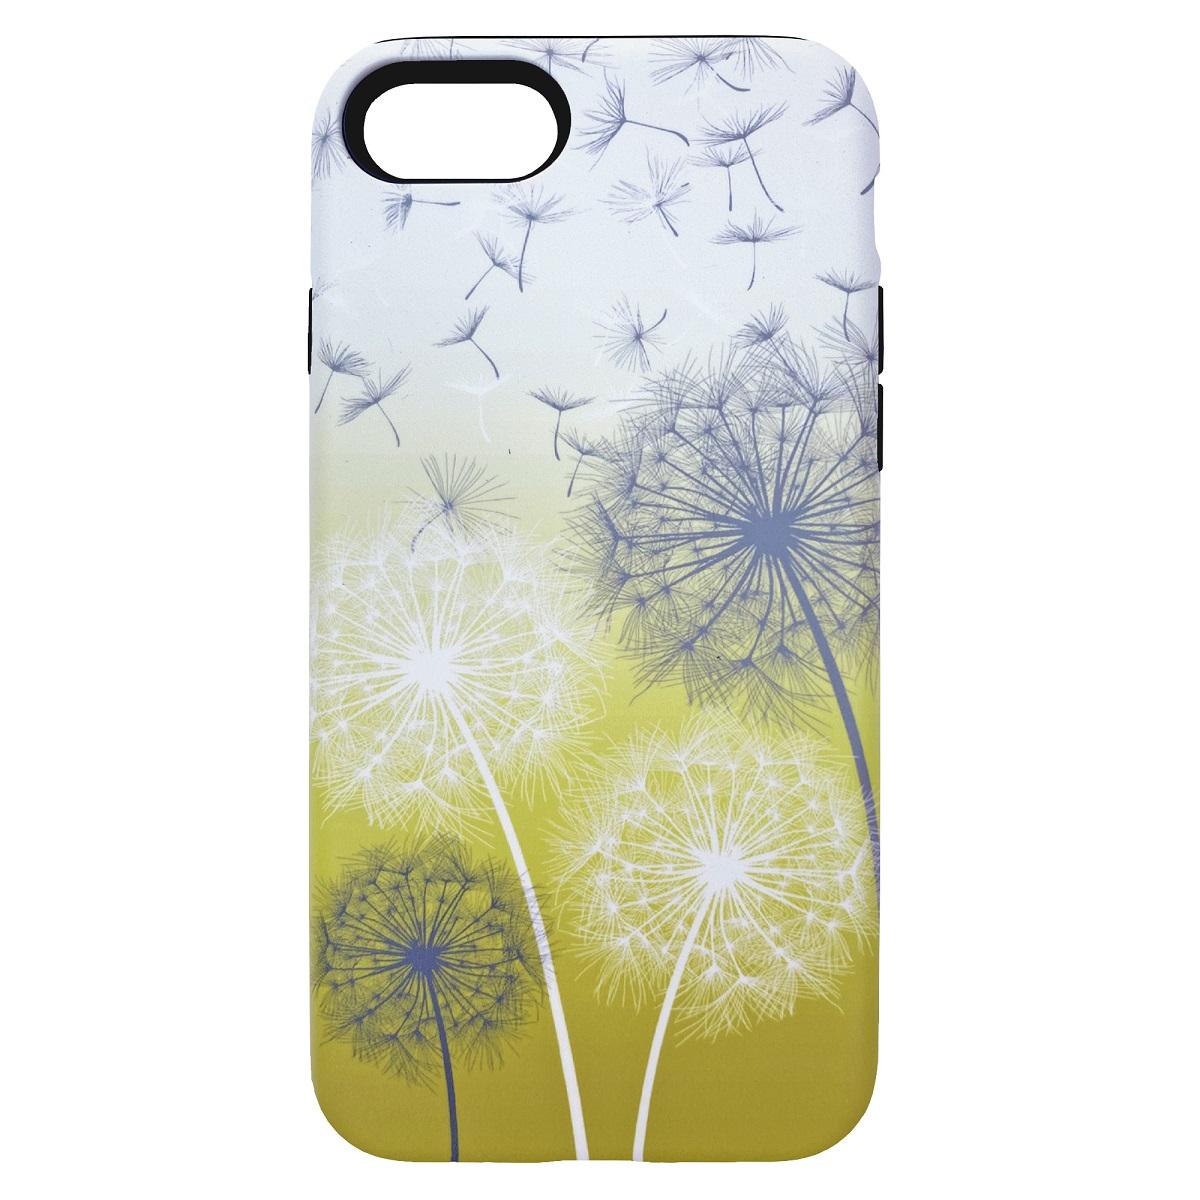 9. Dandelions Phone Case – Zest Yellow